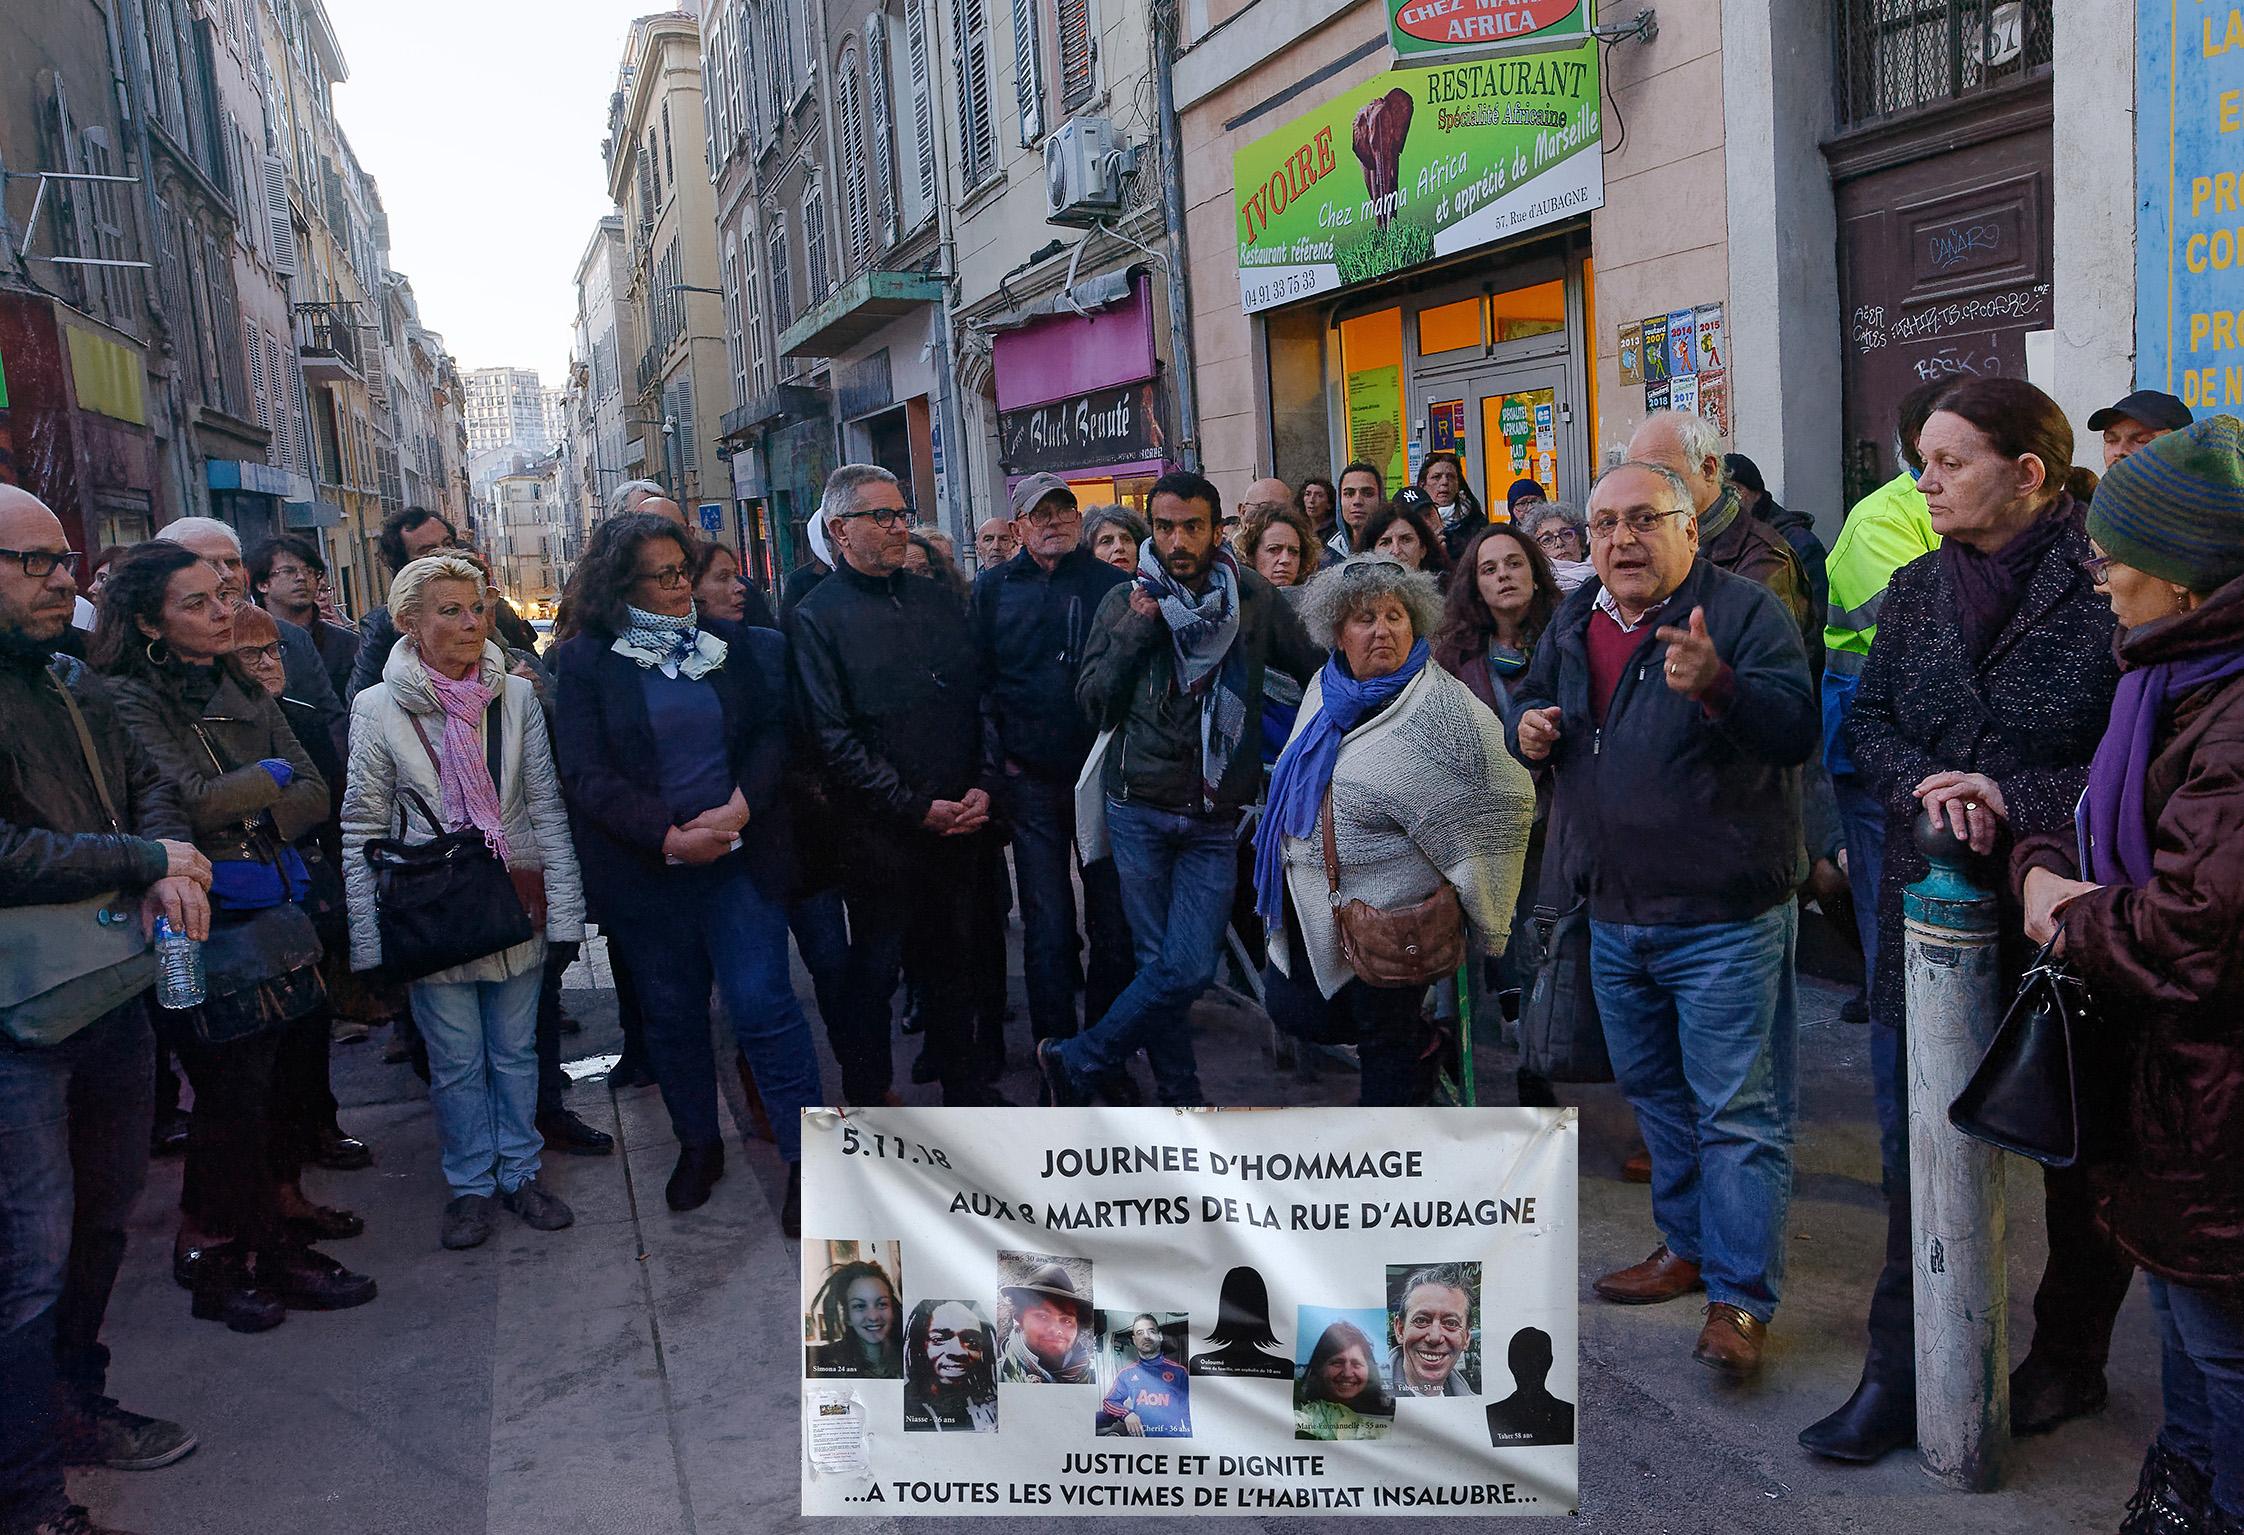 5 mars 2019 : la cérémonie en hommage aux victimes de l'effondrement des immeubles de la rue d'Aubagne